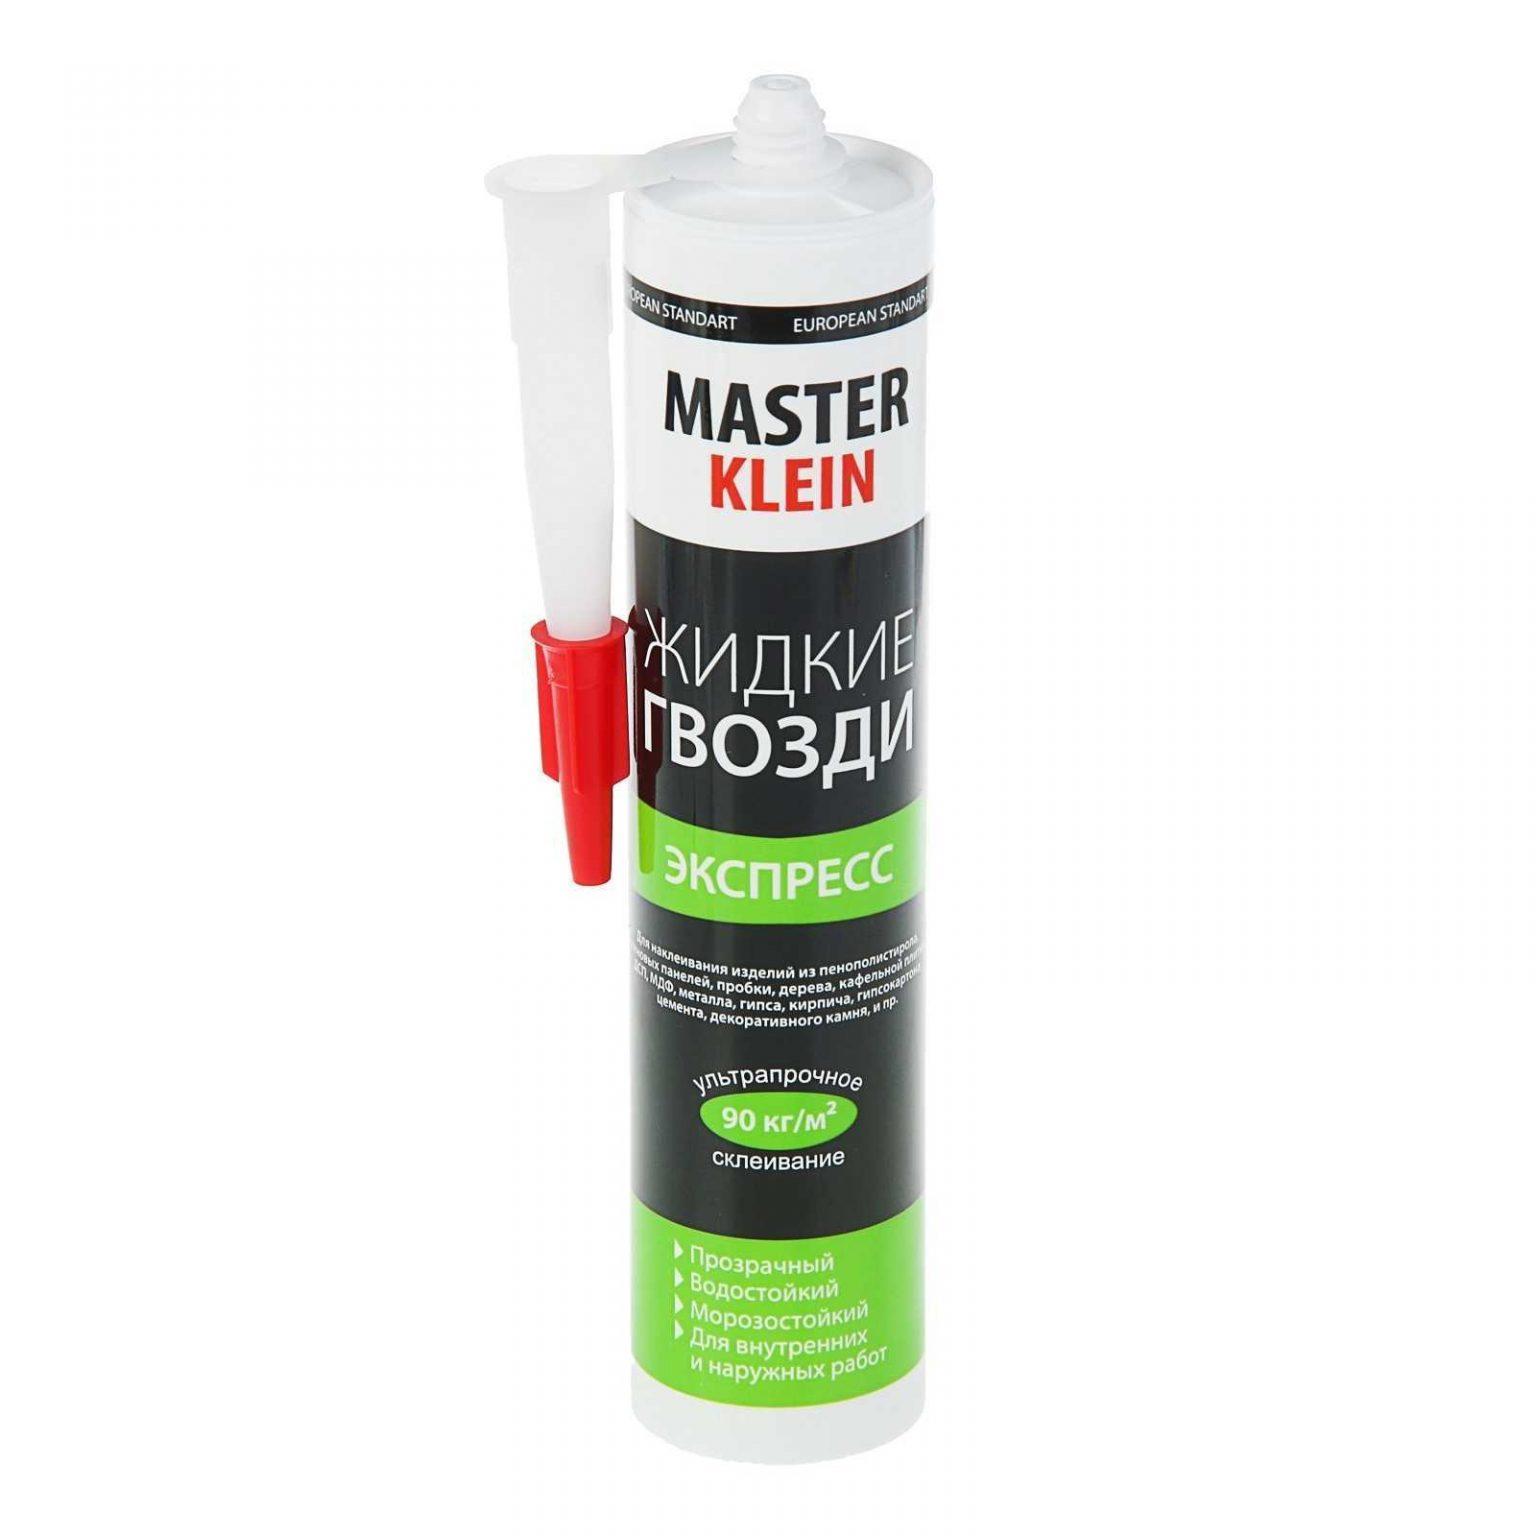 Жидкие гвозди Master KLEIN экспресс прозрачные 310мл